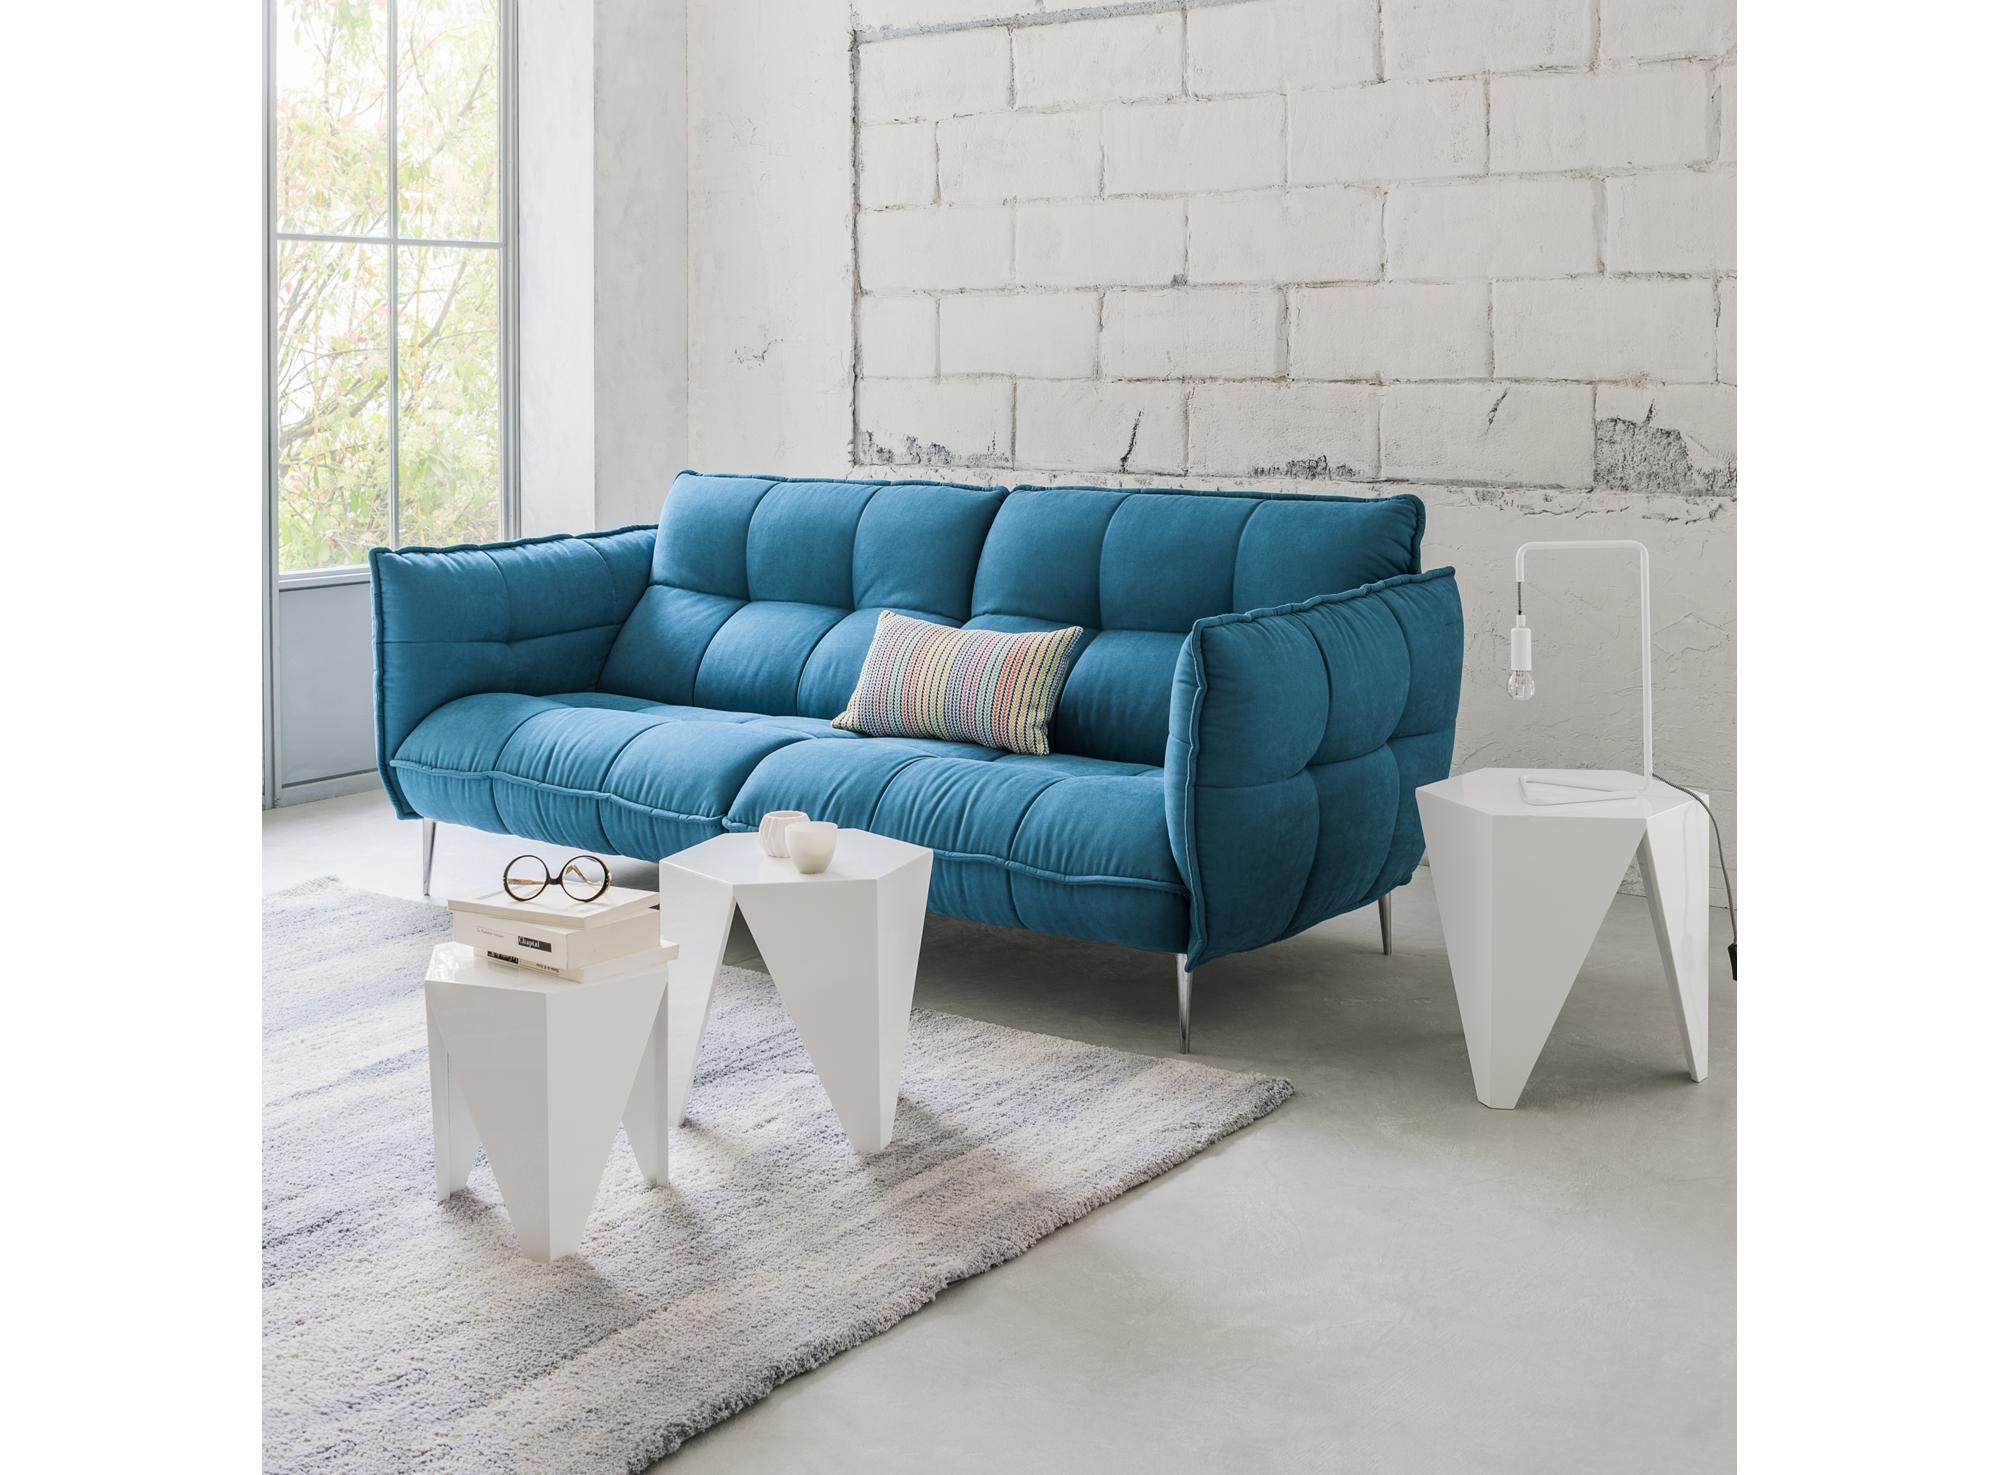 comment recouvrir des coussins de canap choisir la couleur de son canap recouvrir canape. Black Bedroom Furniture Sets. Home Design Ideas